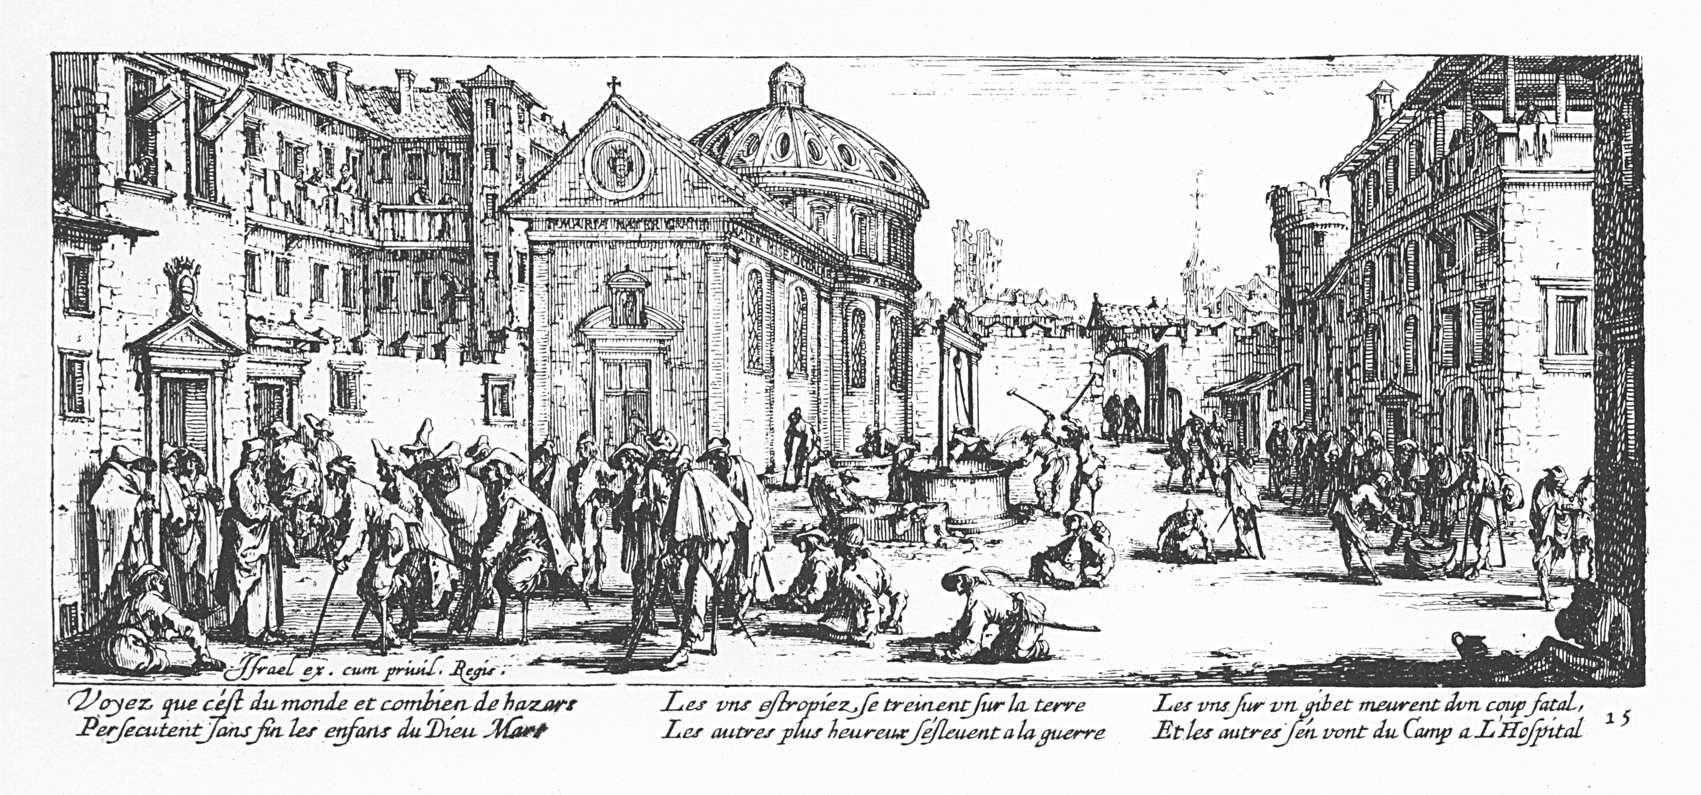 Les misères et les malheurs de la guerre 15 Lhôpital